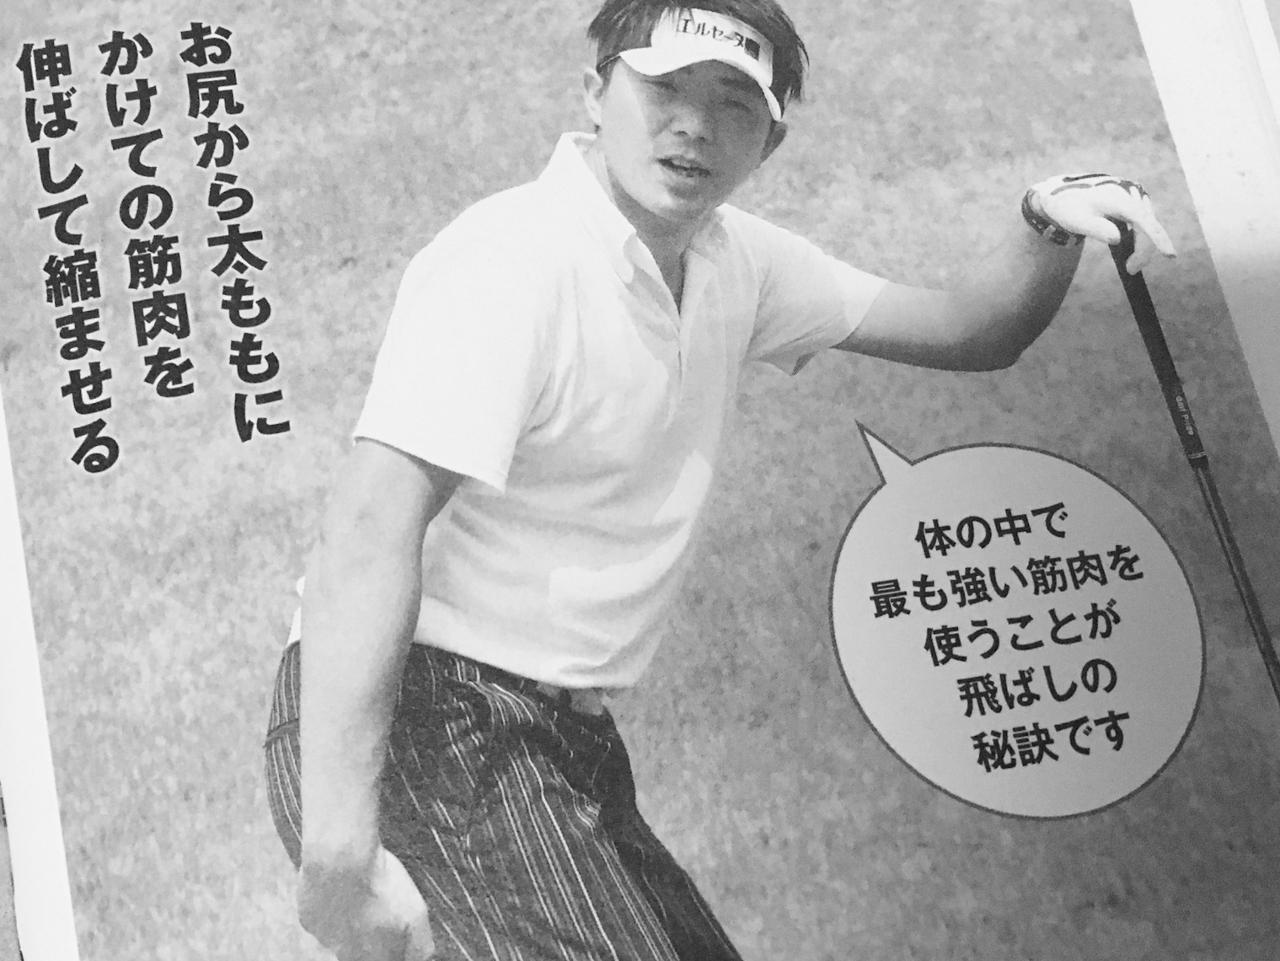 吉田一誉プロ